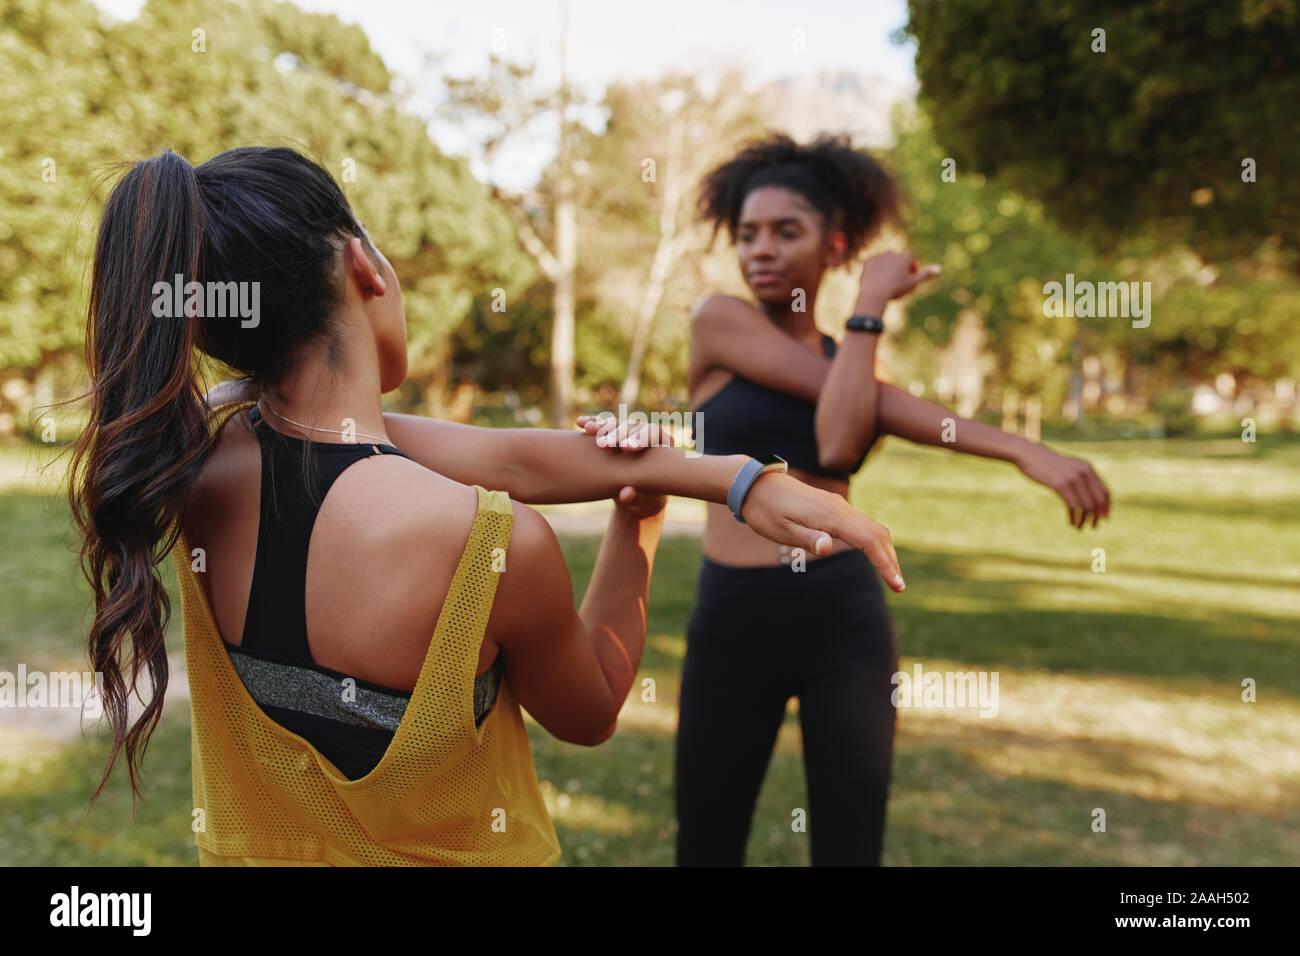 Dos jóvenes de gimnasia deportiva femenina diversos amigos de estirar sus músculos en el parque en un día de verano - dos amigos que trabajan juntos Foto de stock